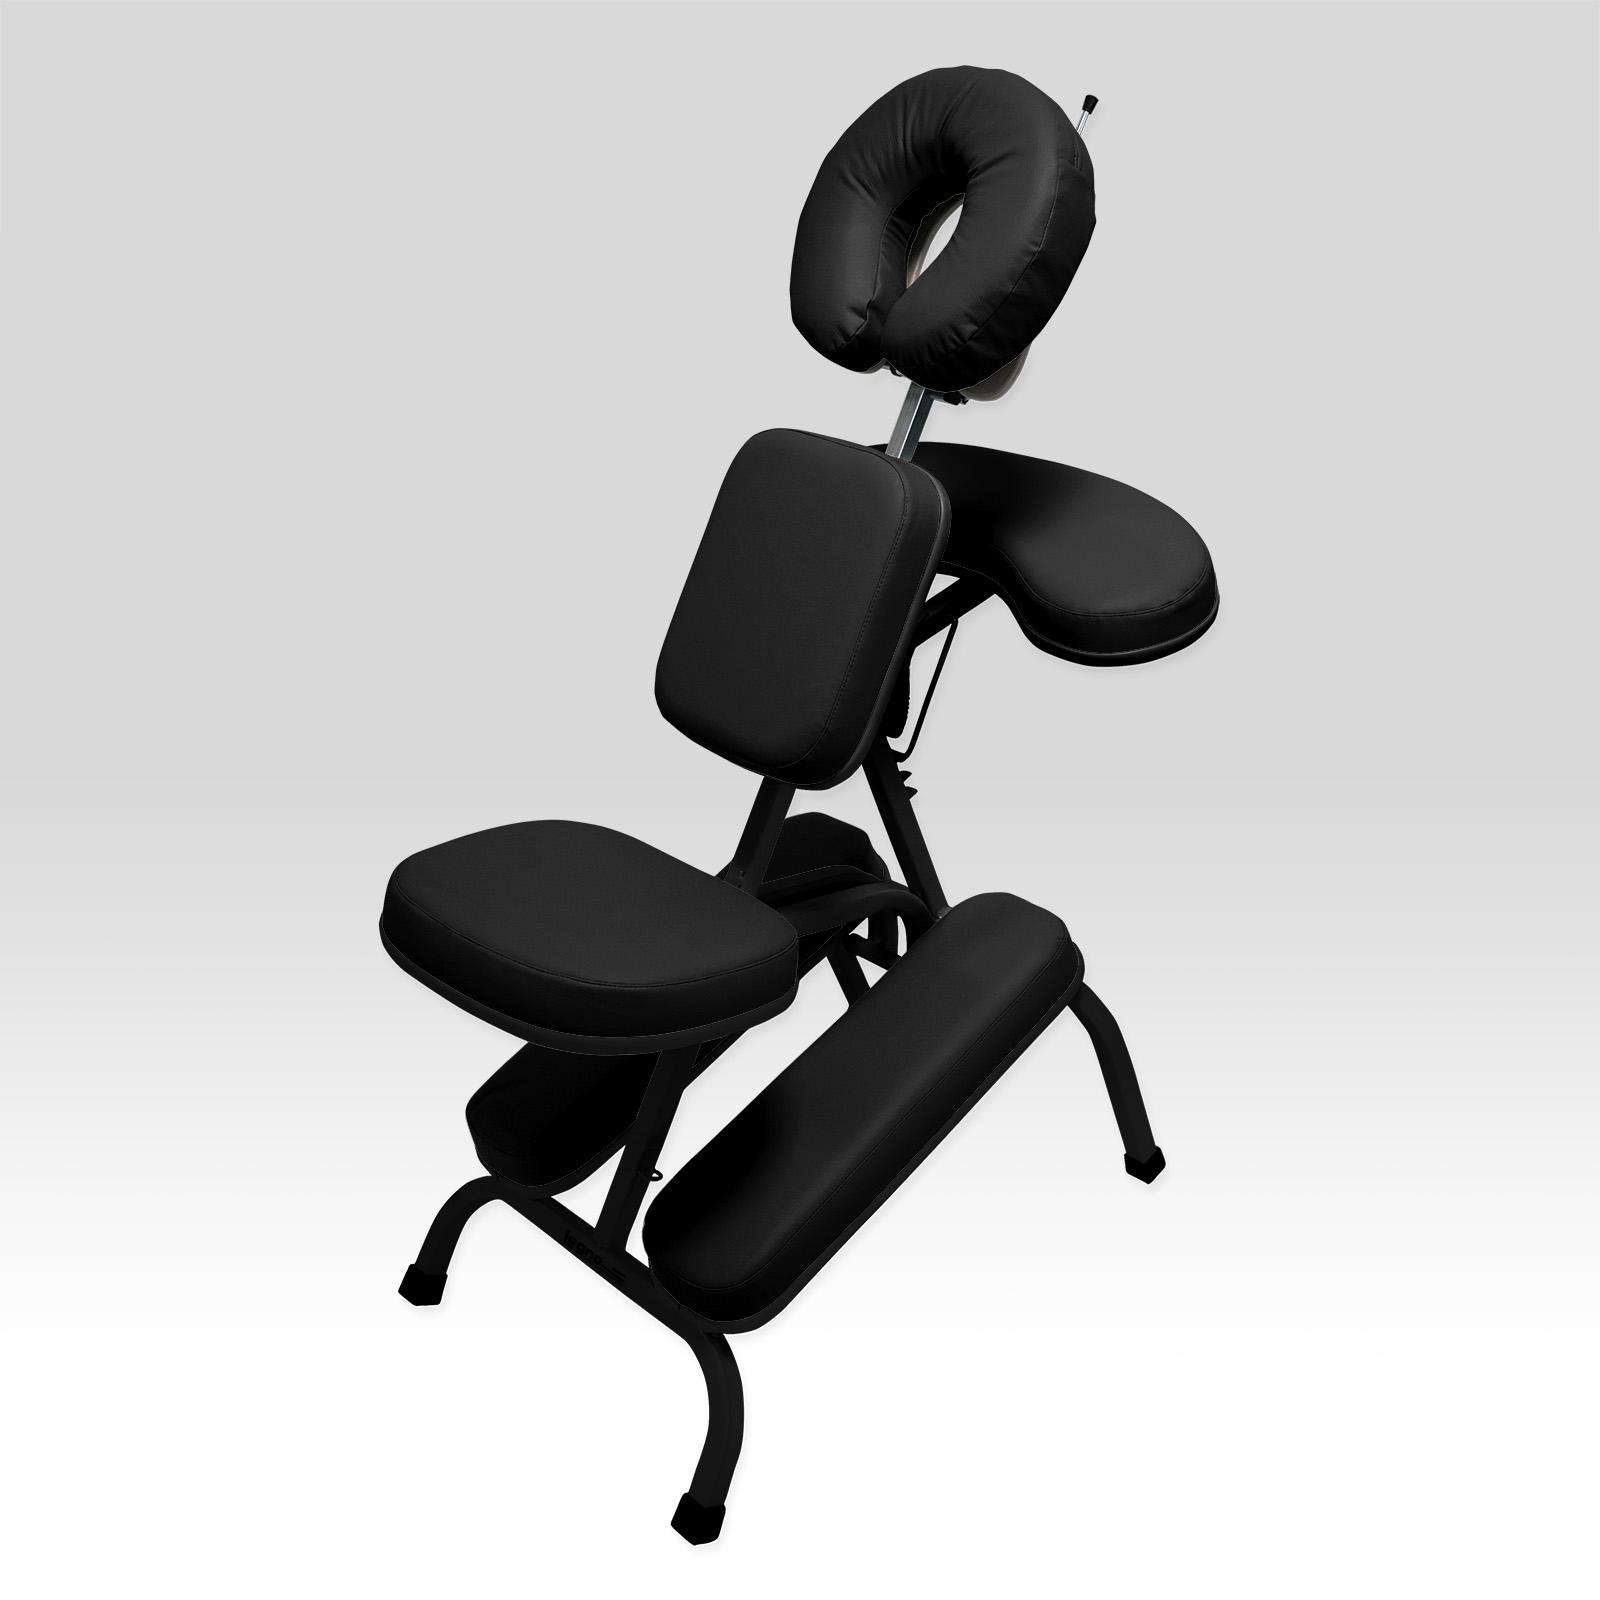 Cadeira para Quick Massage Dobravel e Portatil em Aco